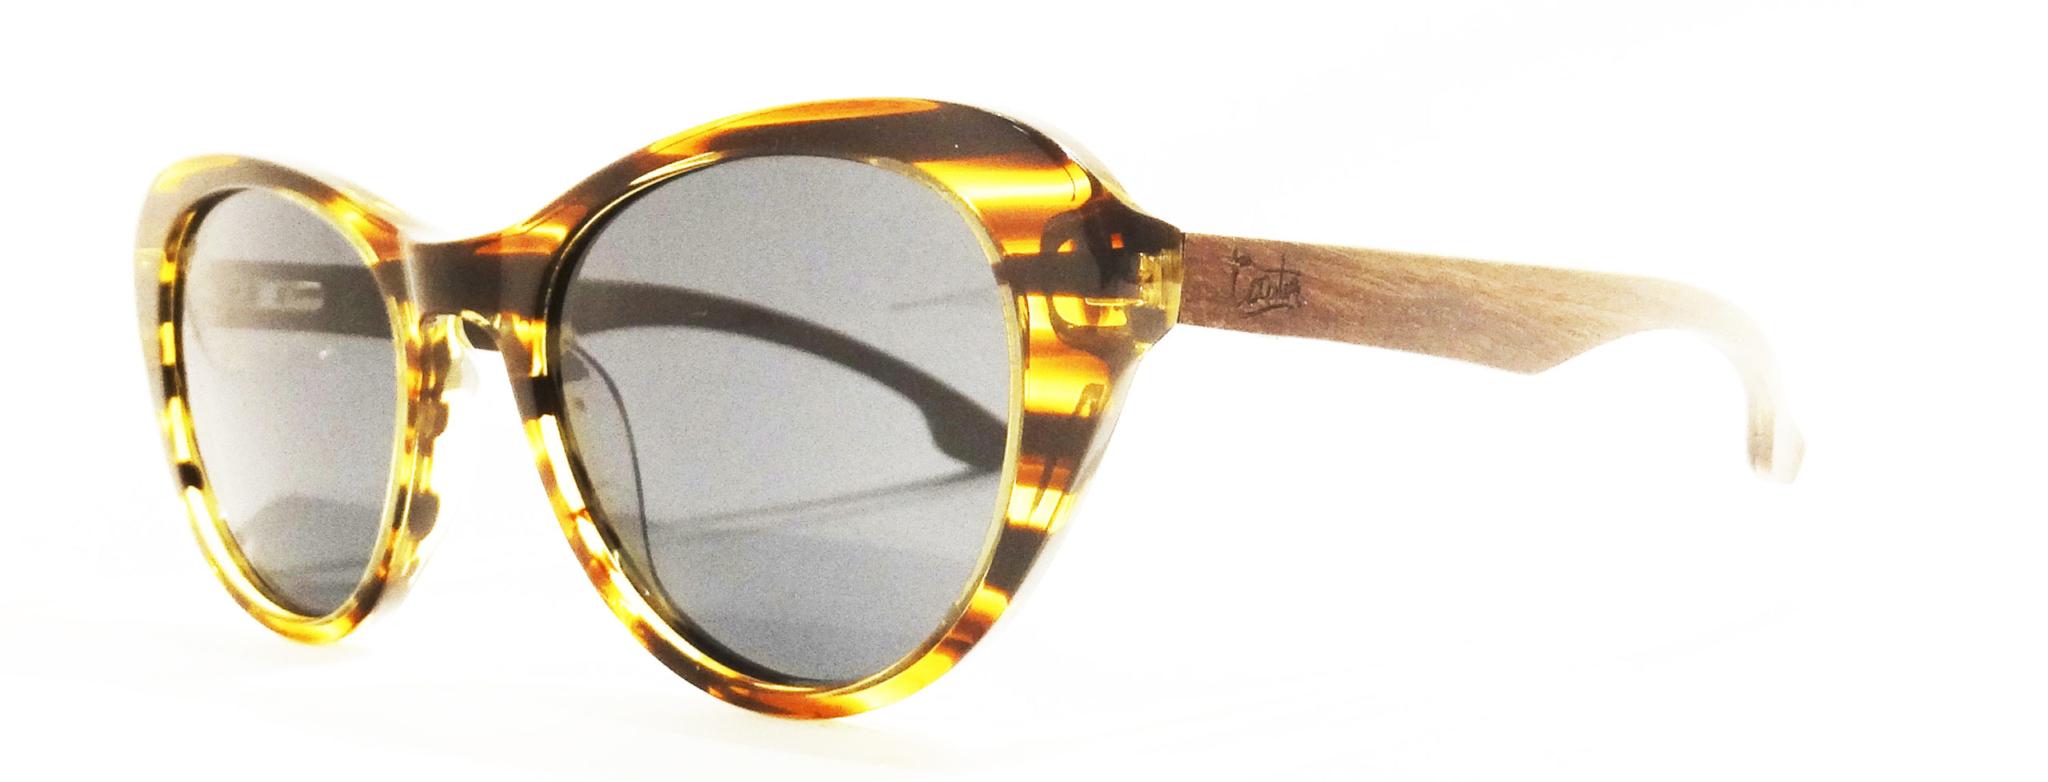 55687e32-223b-gafas-de-sol